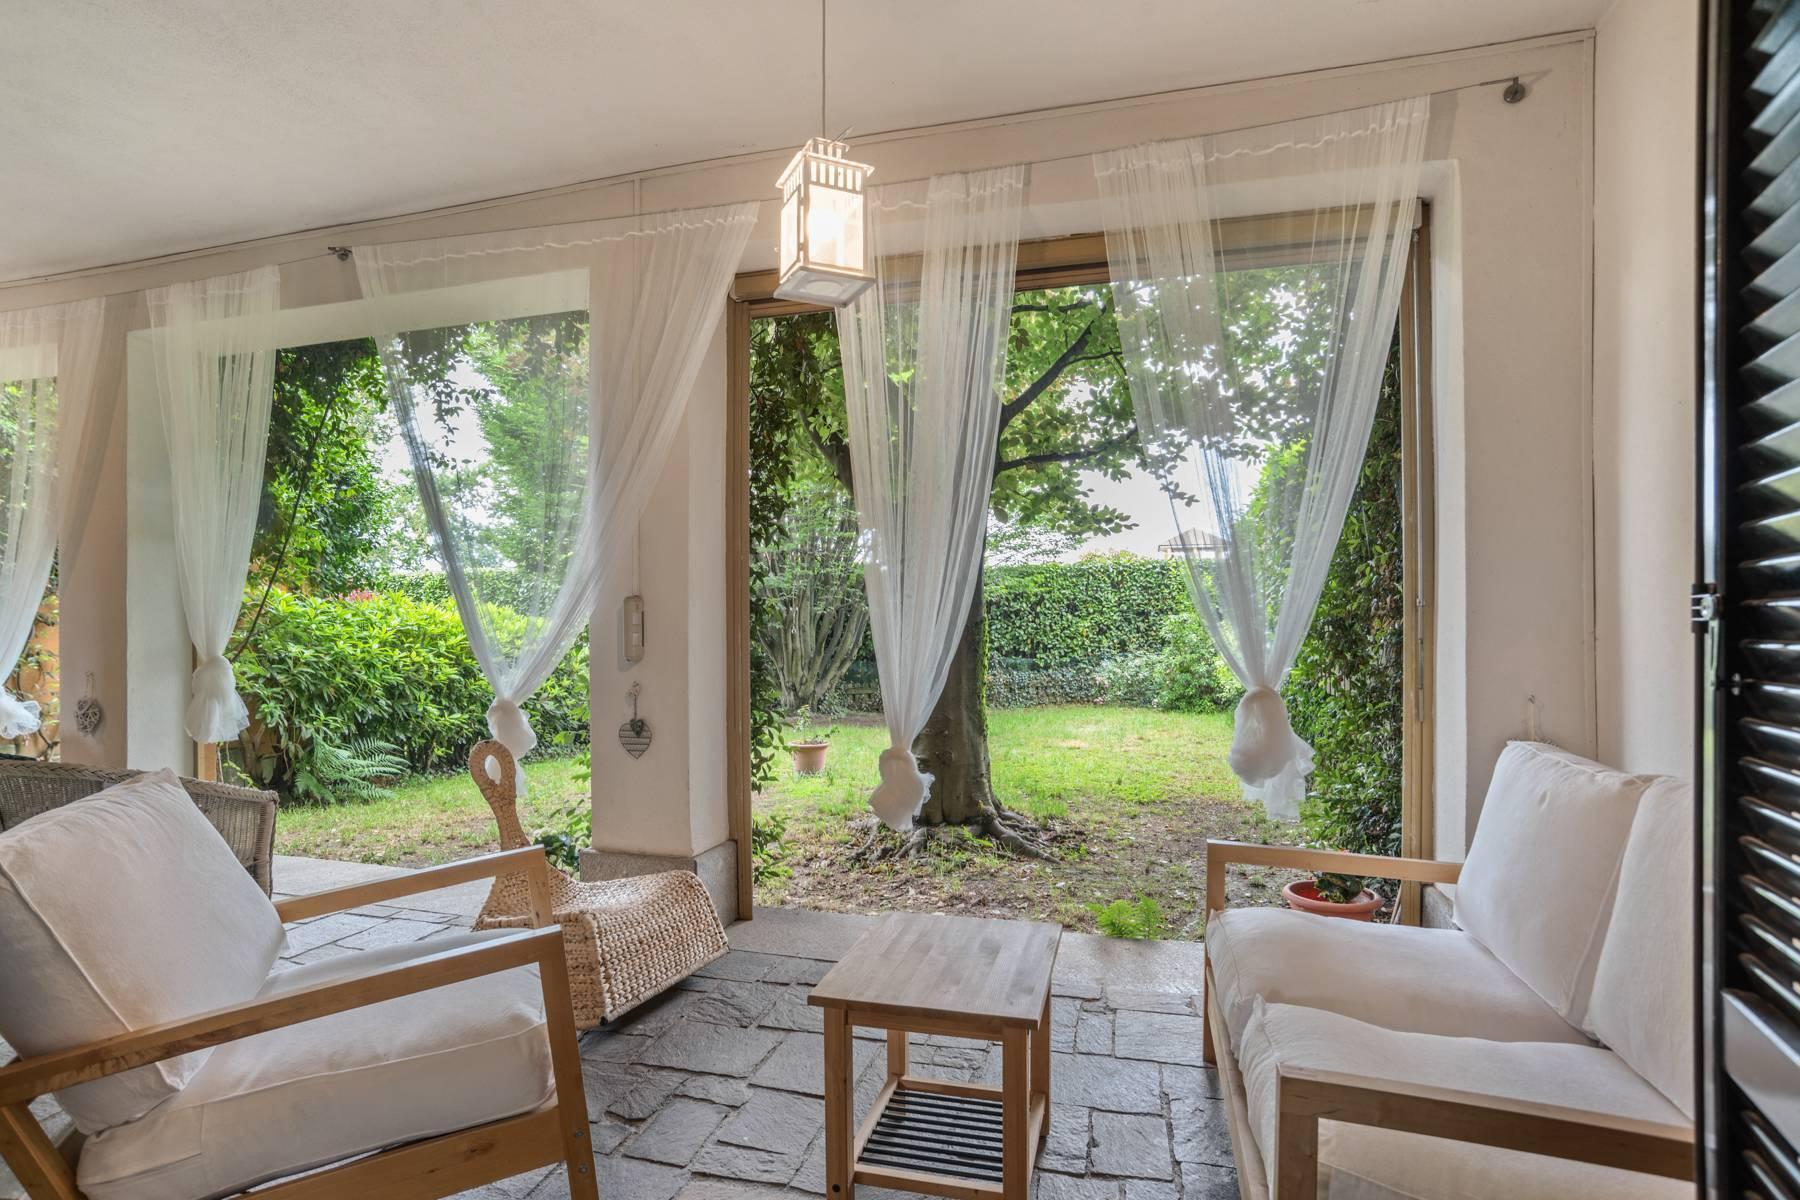 Villa élégante située dans le club de golf de Castelconturbia - 1